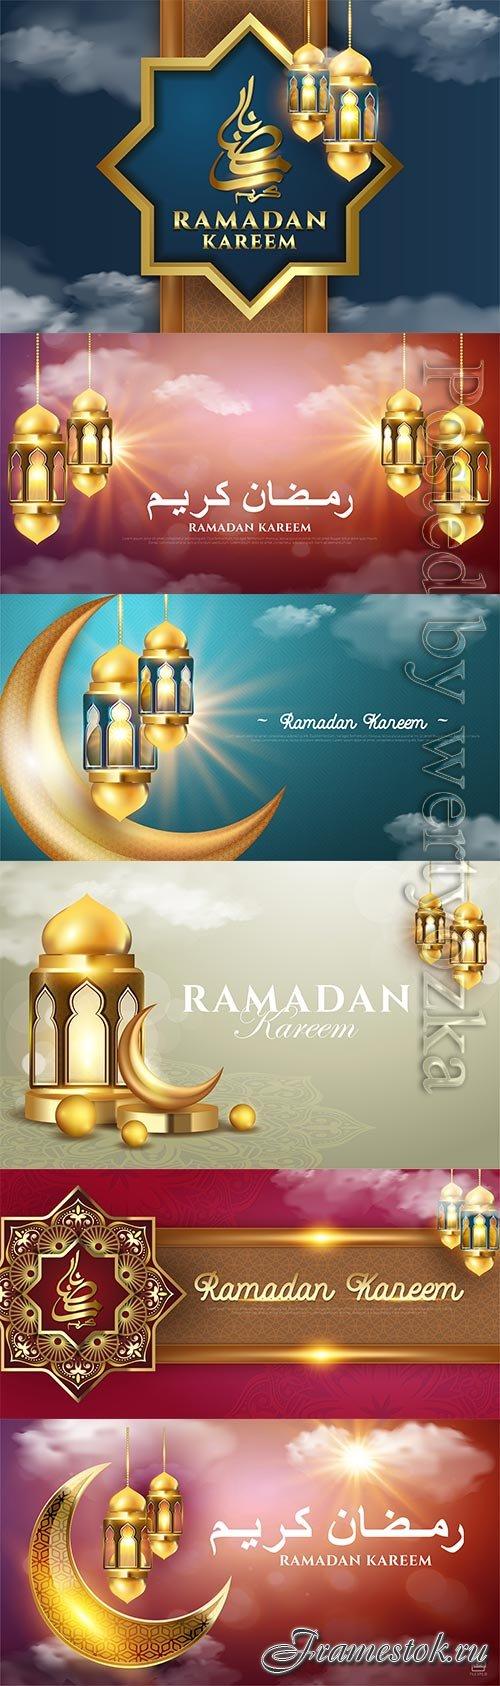 Islamic Ramadan kareem card vector design